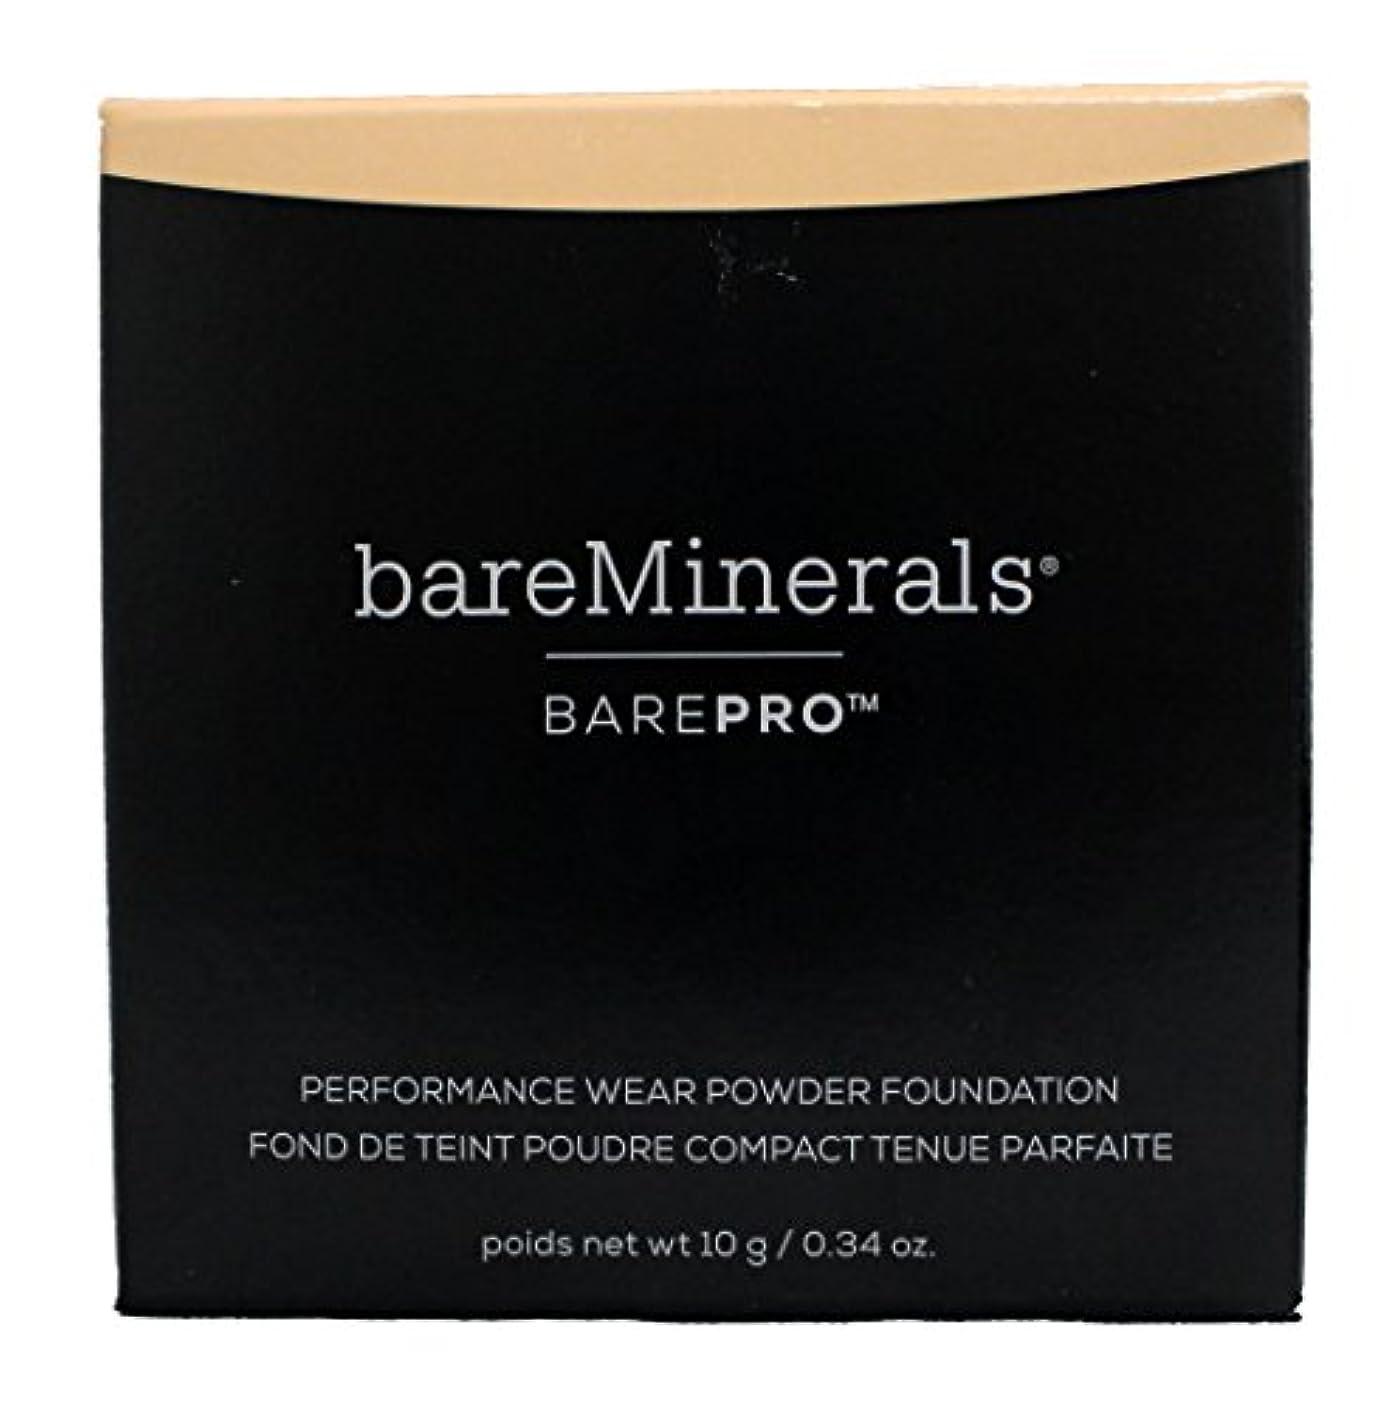 言及する補うマーカーベアミネラル BarePro Performance Wear Powder Foundation - # 09 Light Natural 10g/0.34oz並行輸入品